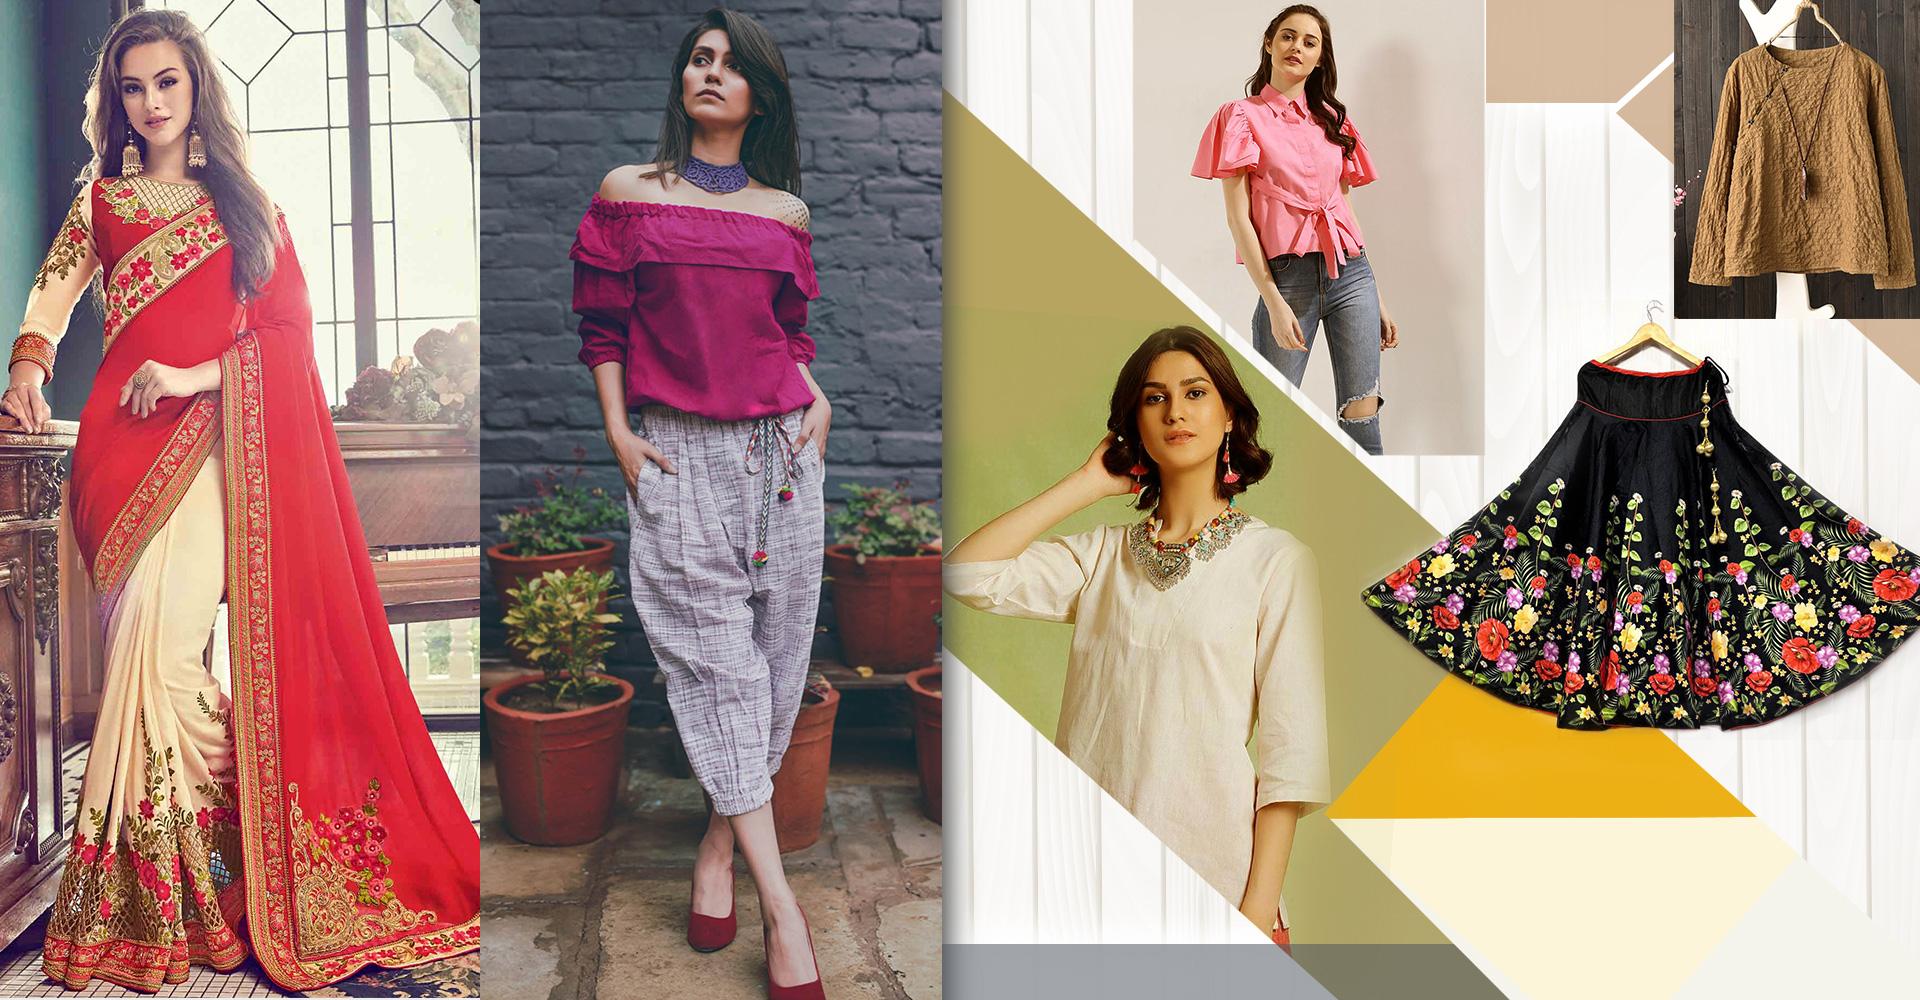 f55c2c8c7 Online Shopping Sites for Women Fashion - Shop Women's Clothes ...